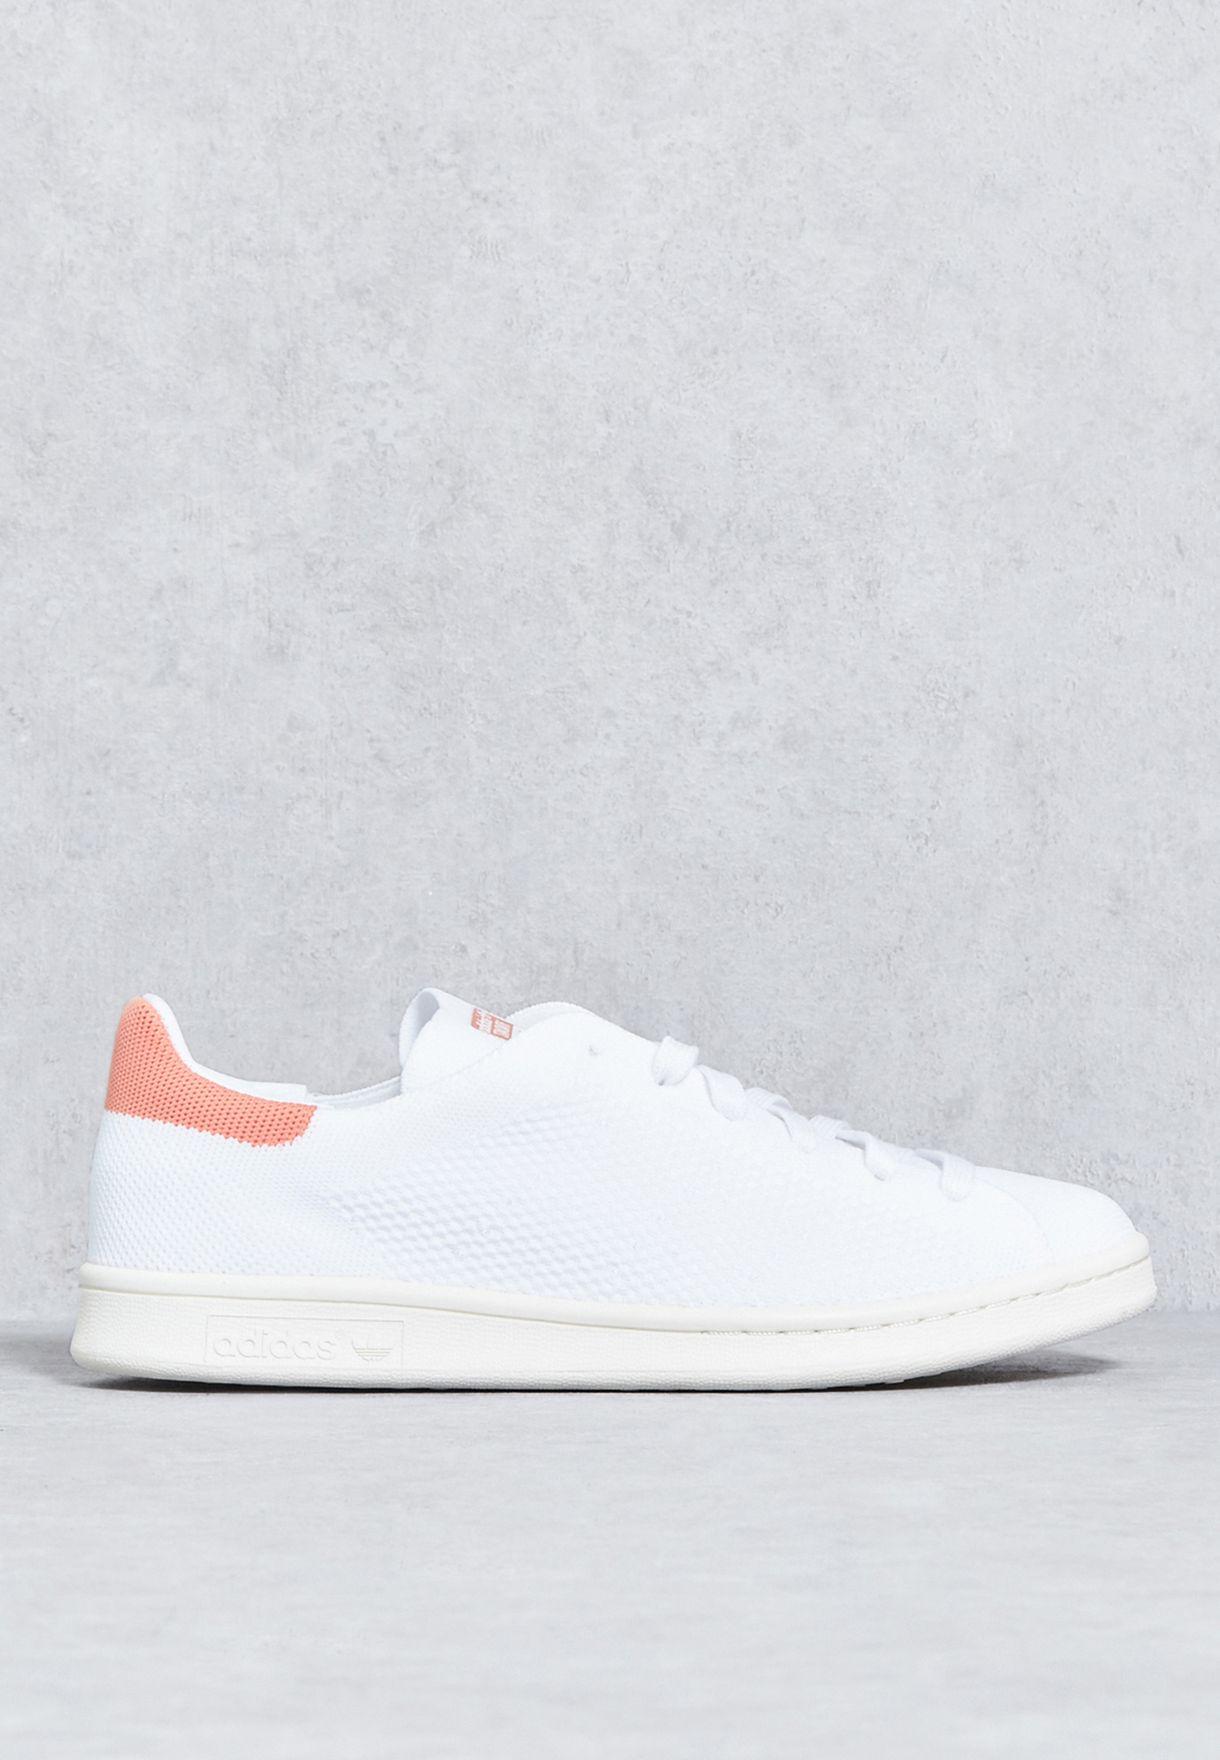 b3bc7b8e2 تسوق حذاء ستان سميث بي كيه دبليو ماركة اديداس اورجينال لون أبيض ...